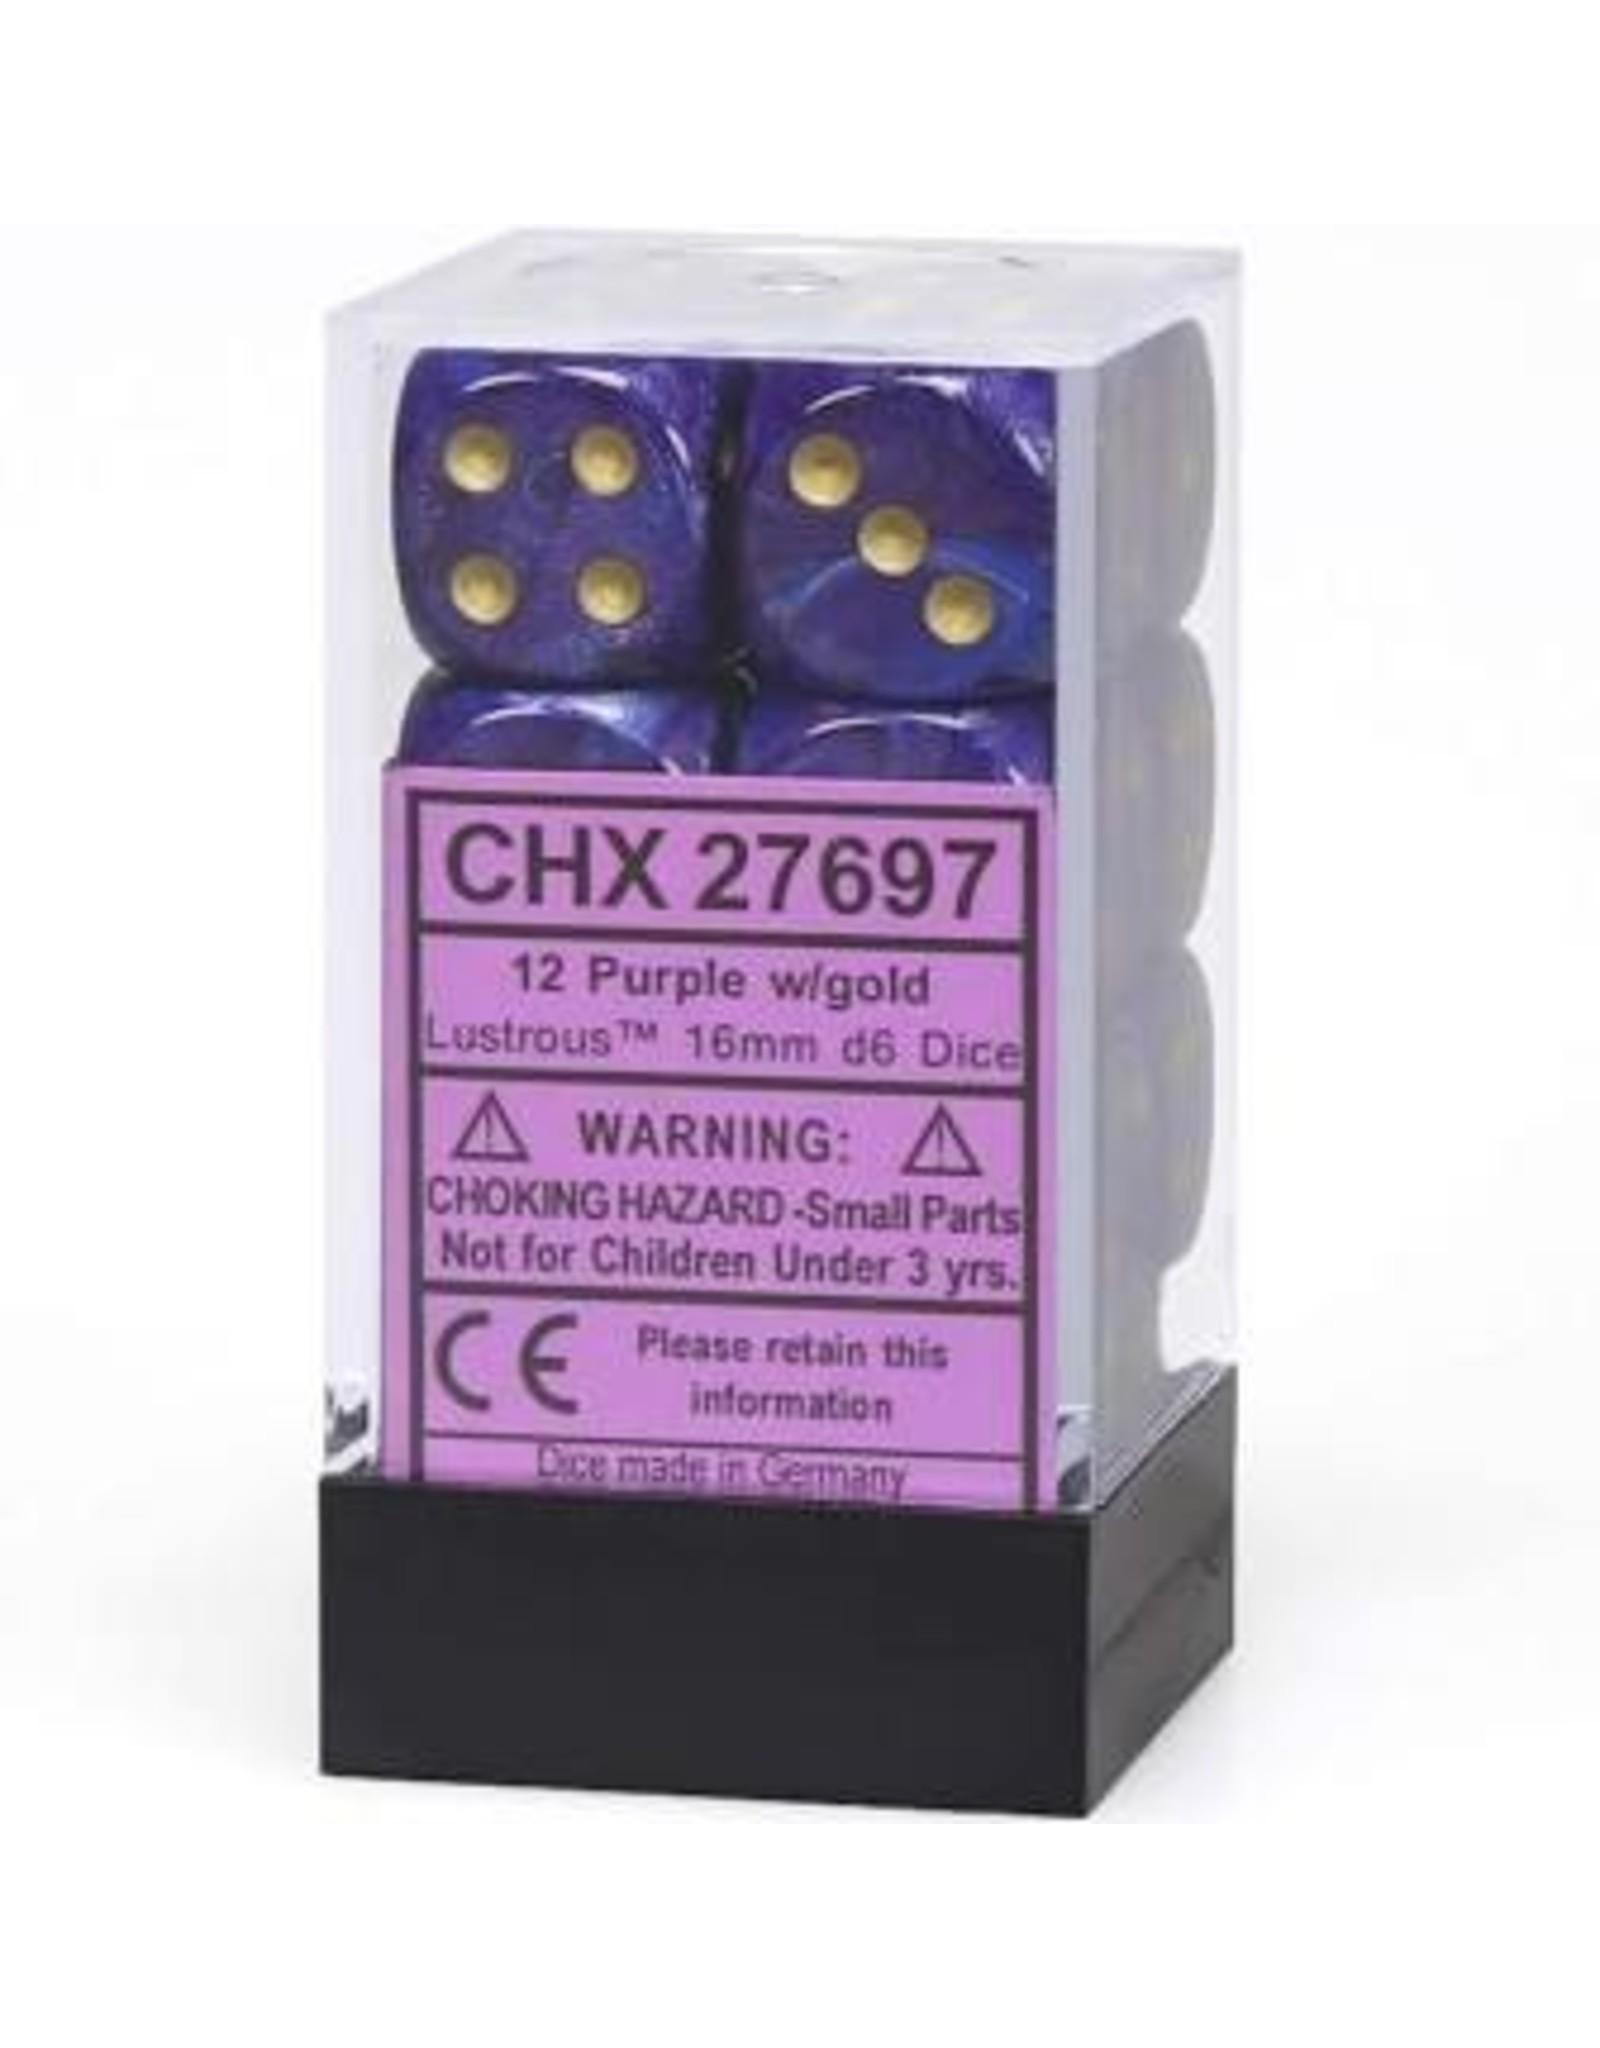 Dice 16mm d6 Lustrous Purple/Gold